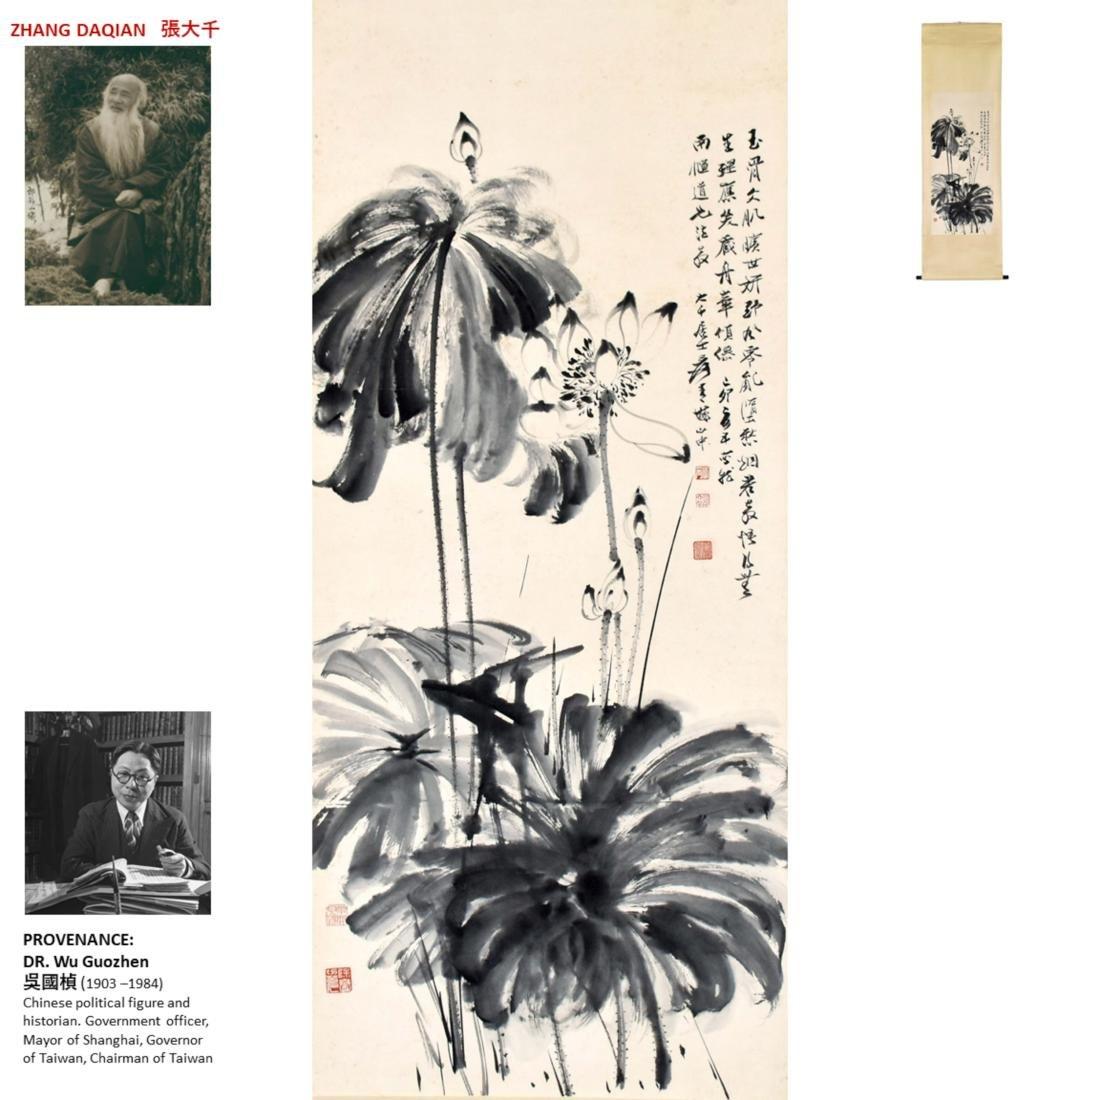 1939 ZHANG DAQIAN LOTUS SCROLL PAINTING